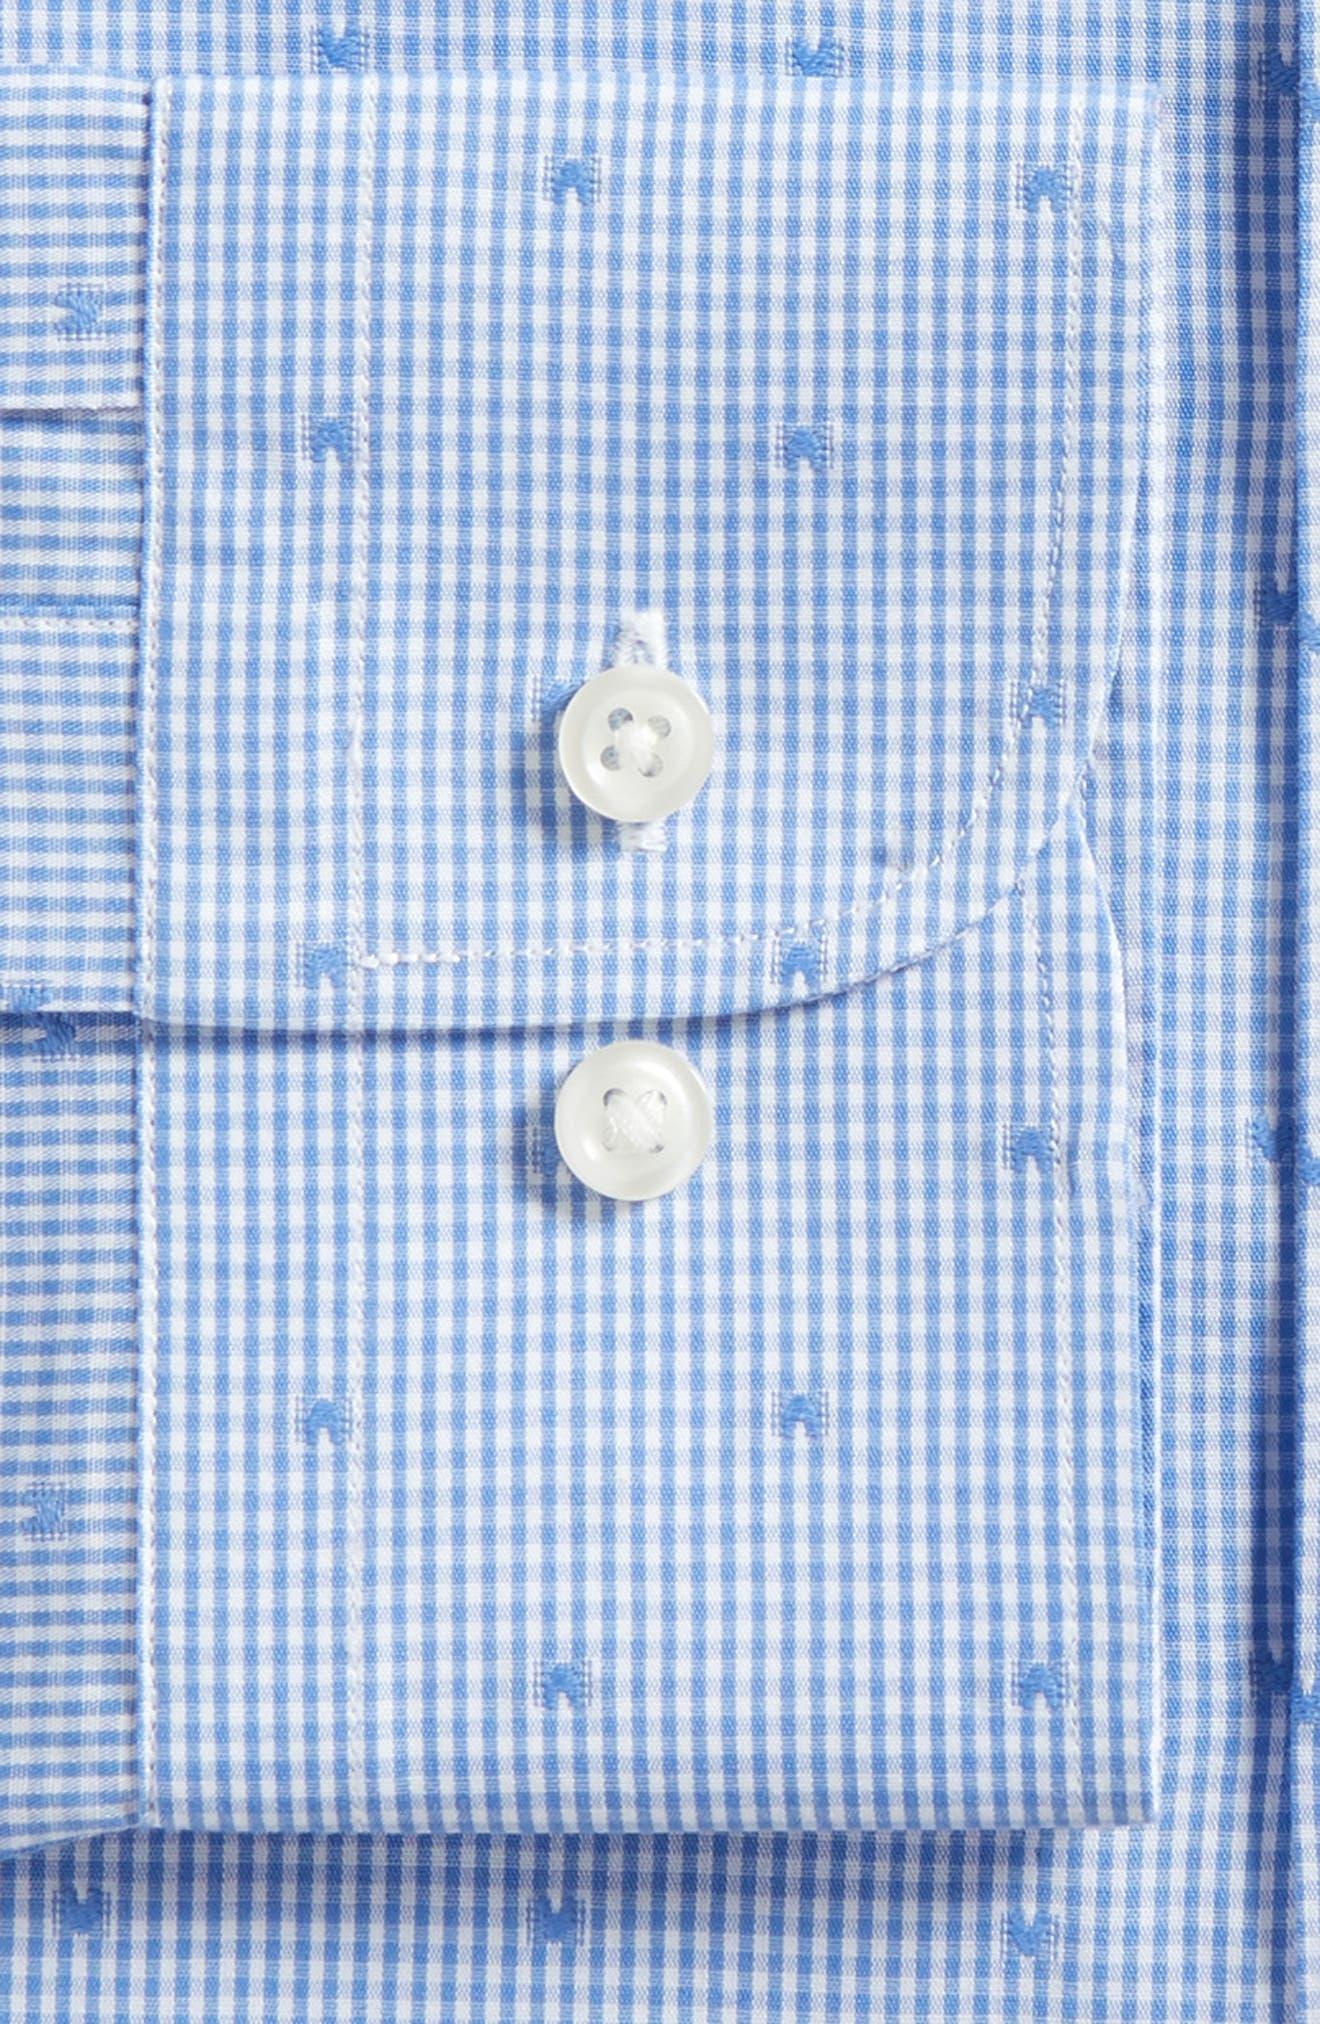 Trim Fit Check Dress Shirt,                             Alternate thumbnail 6, color,                             420